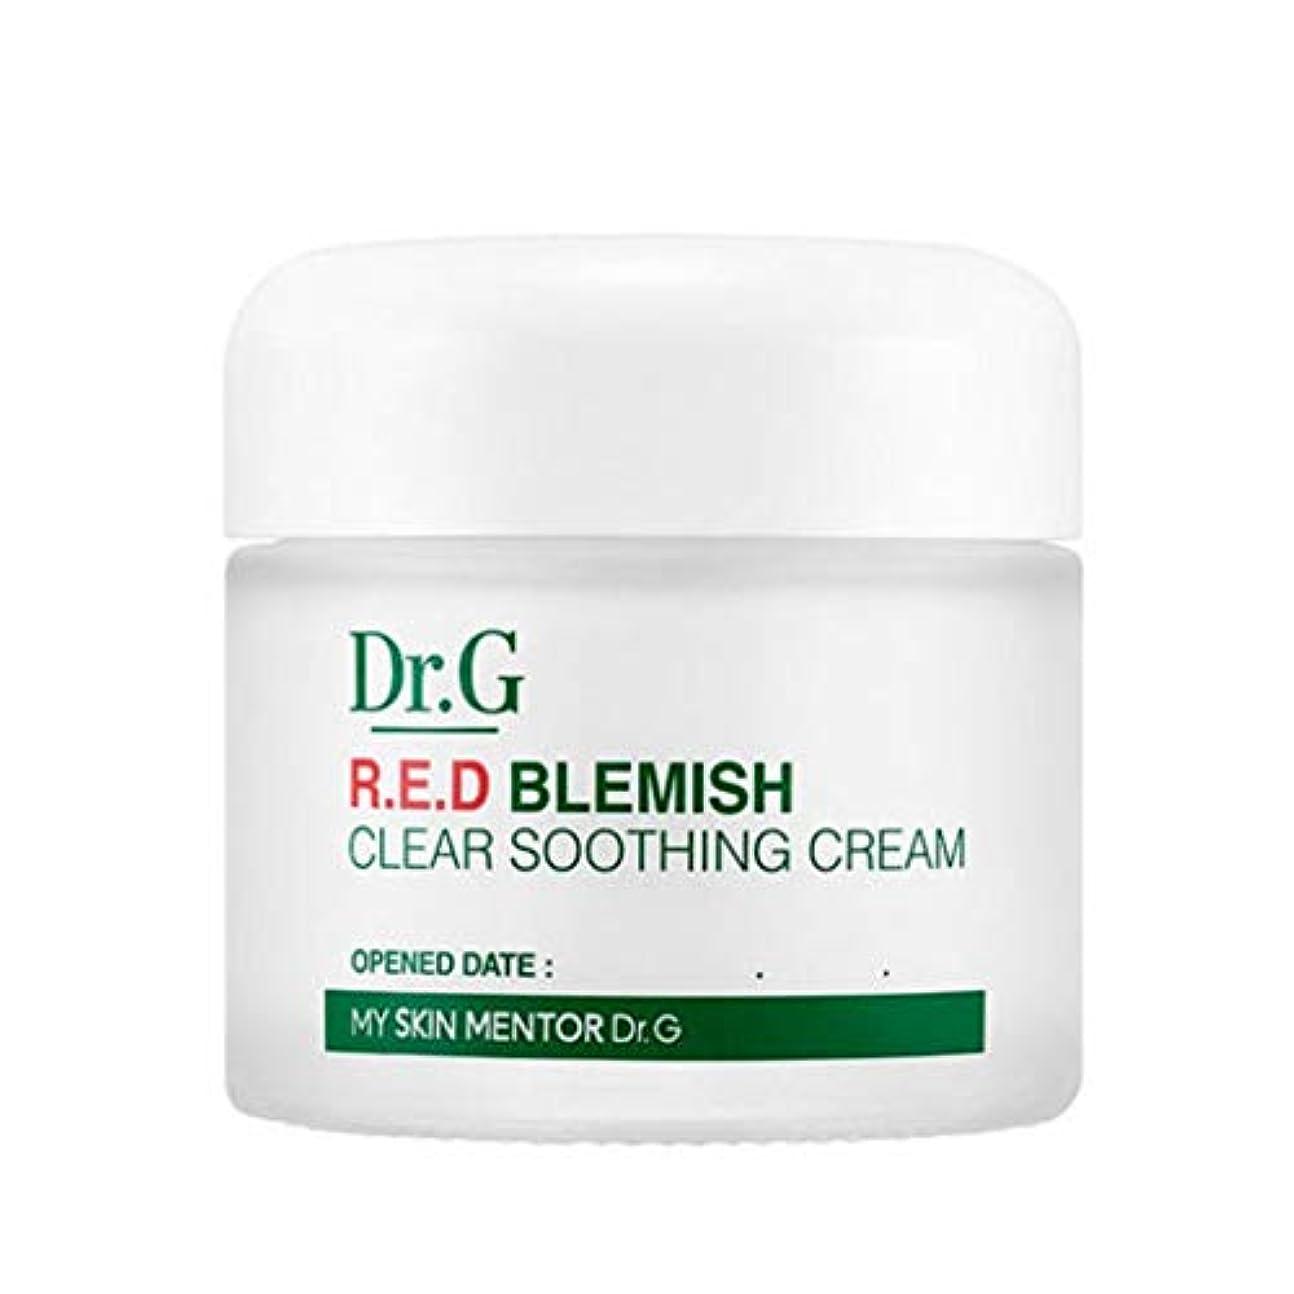 ハイブリッド一人で望ましいドクターGレッドブレミッシュクリアスージングクリーム70ml水分クリーム、Dr.G Red Blemish Clear Soothing Cream 70ml Moisturizing Cream [並行輸入品]